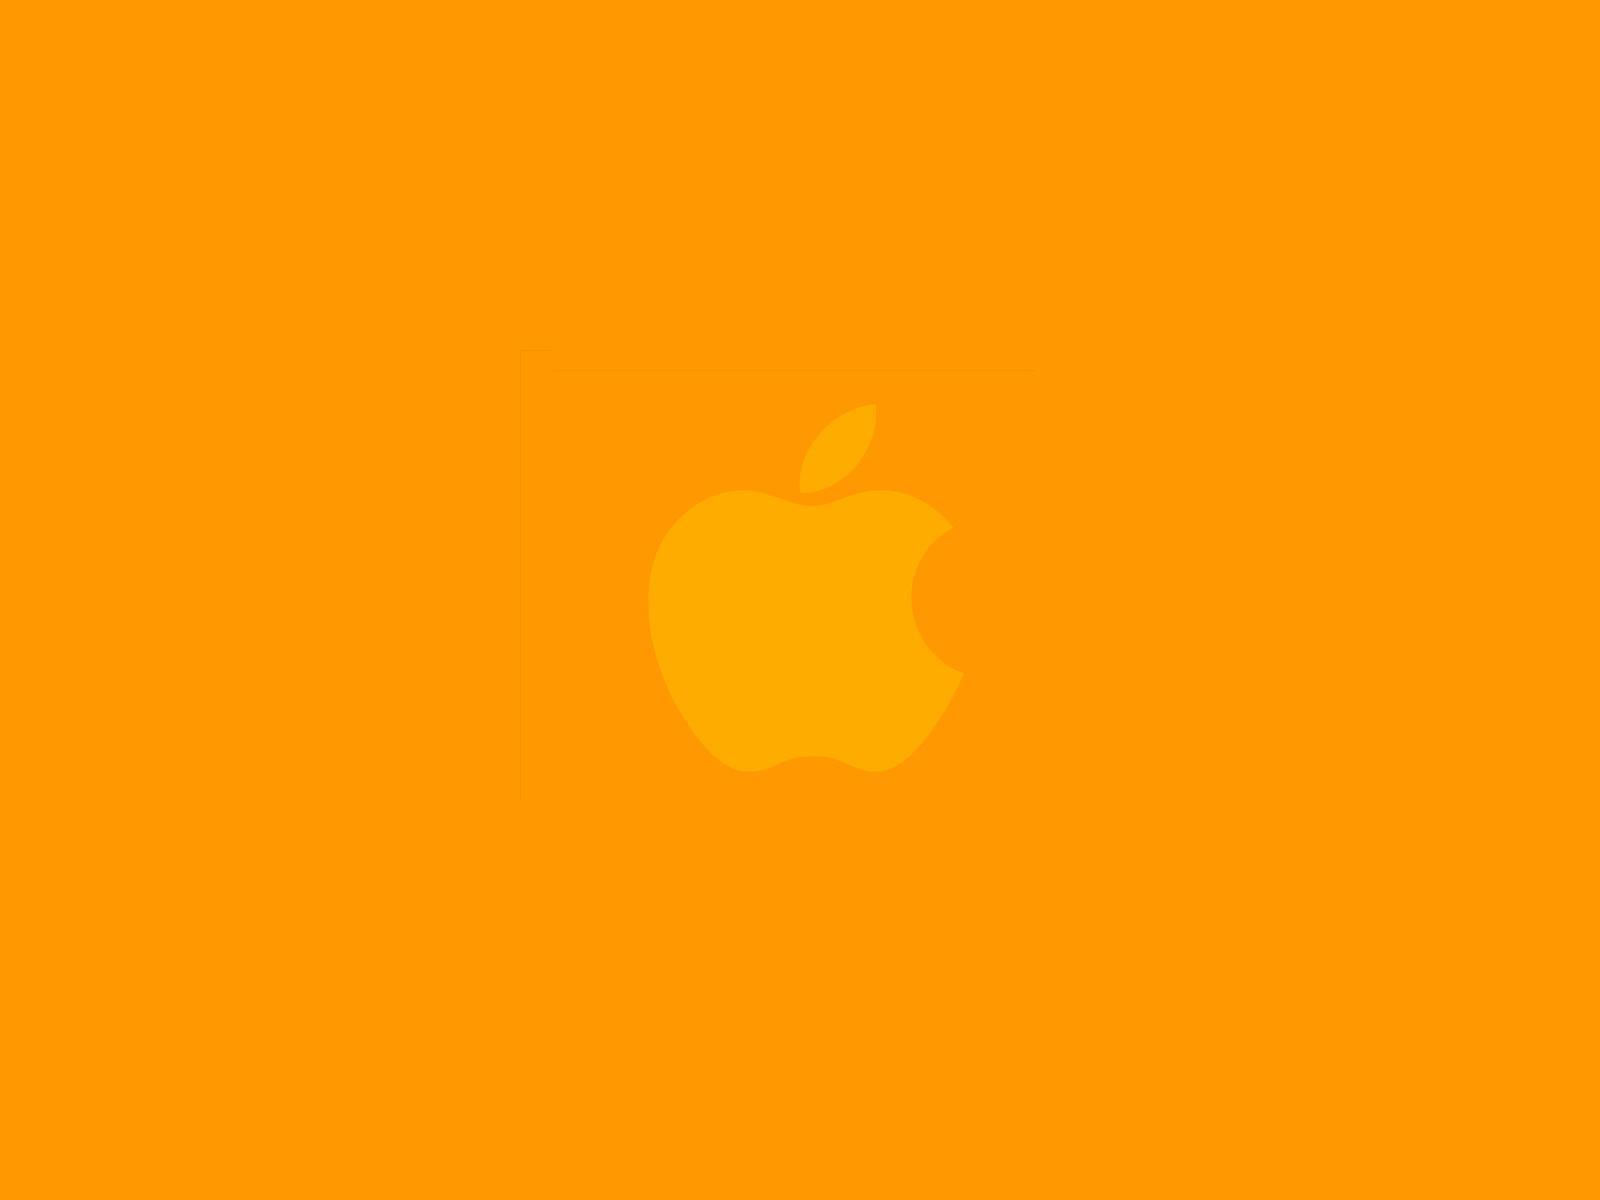 apple оранжевые обои для рабочего стола